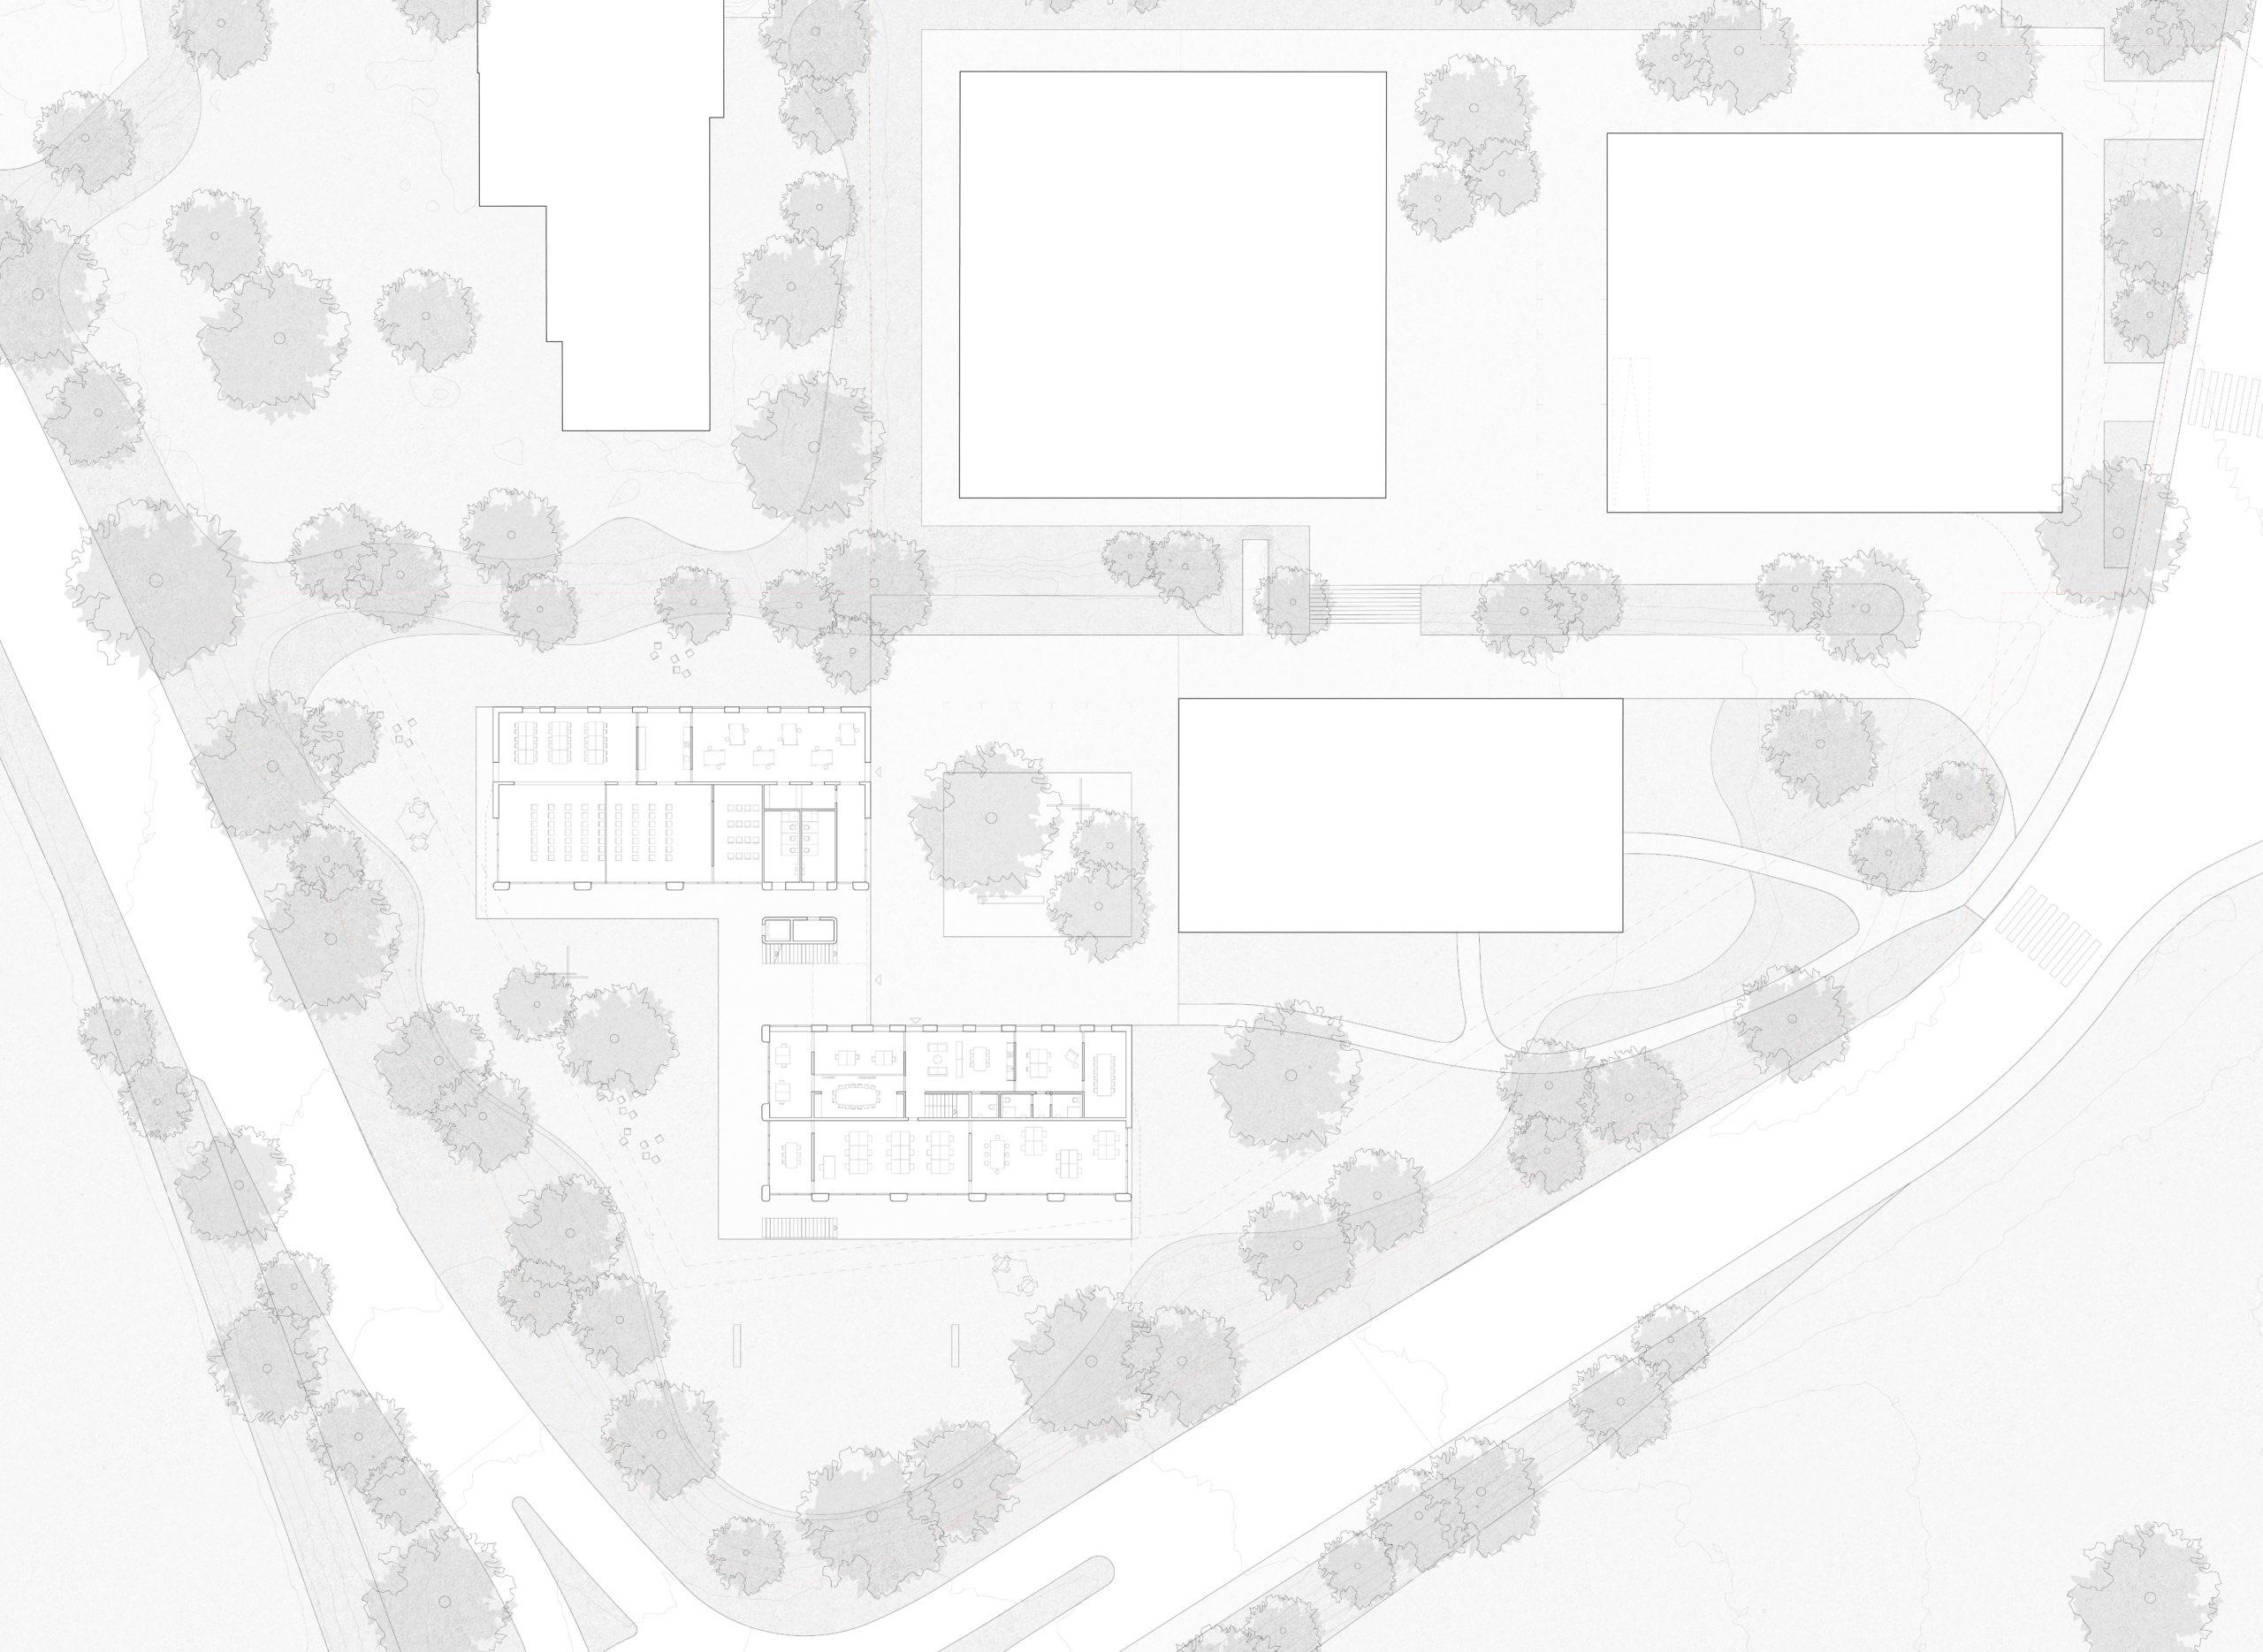 Durchgansstation Asyl Steinhausen Kanton Zug Grundriss Erdgeschoss STUDIO CORNEL STAEHELI